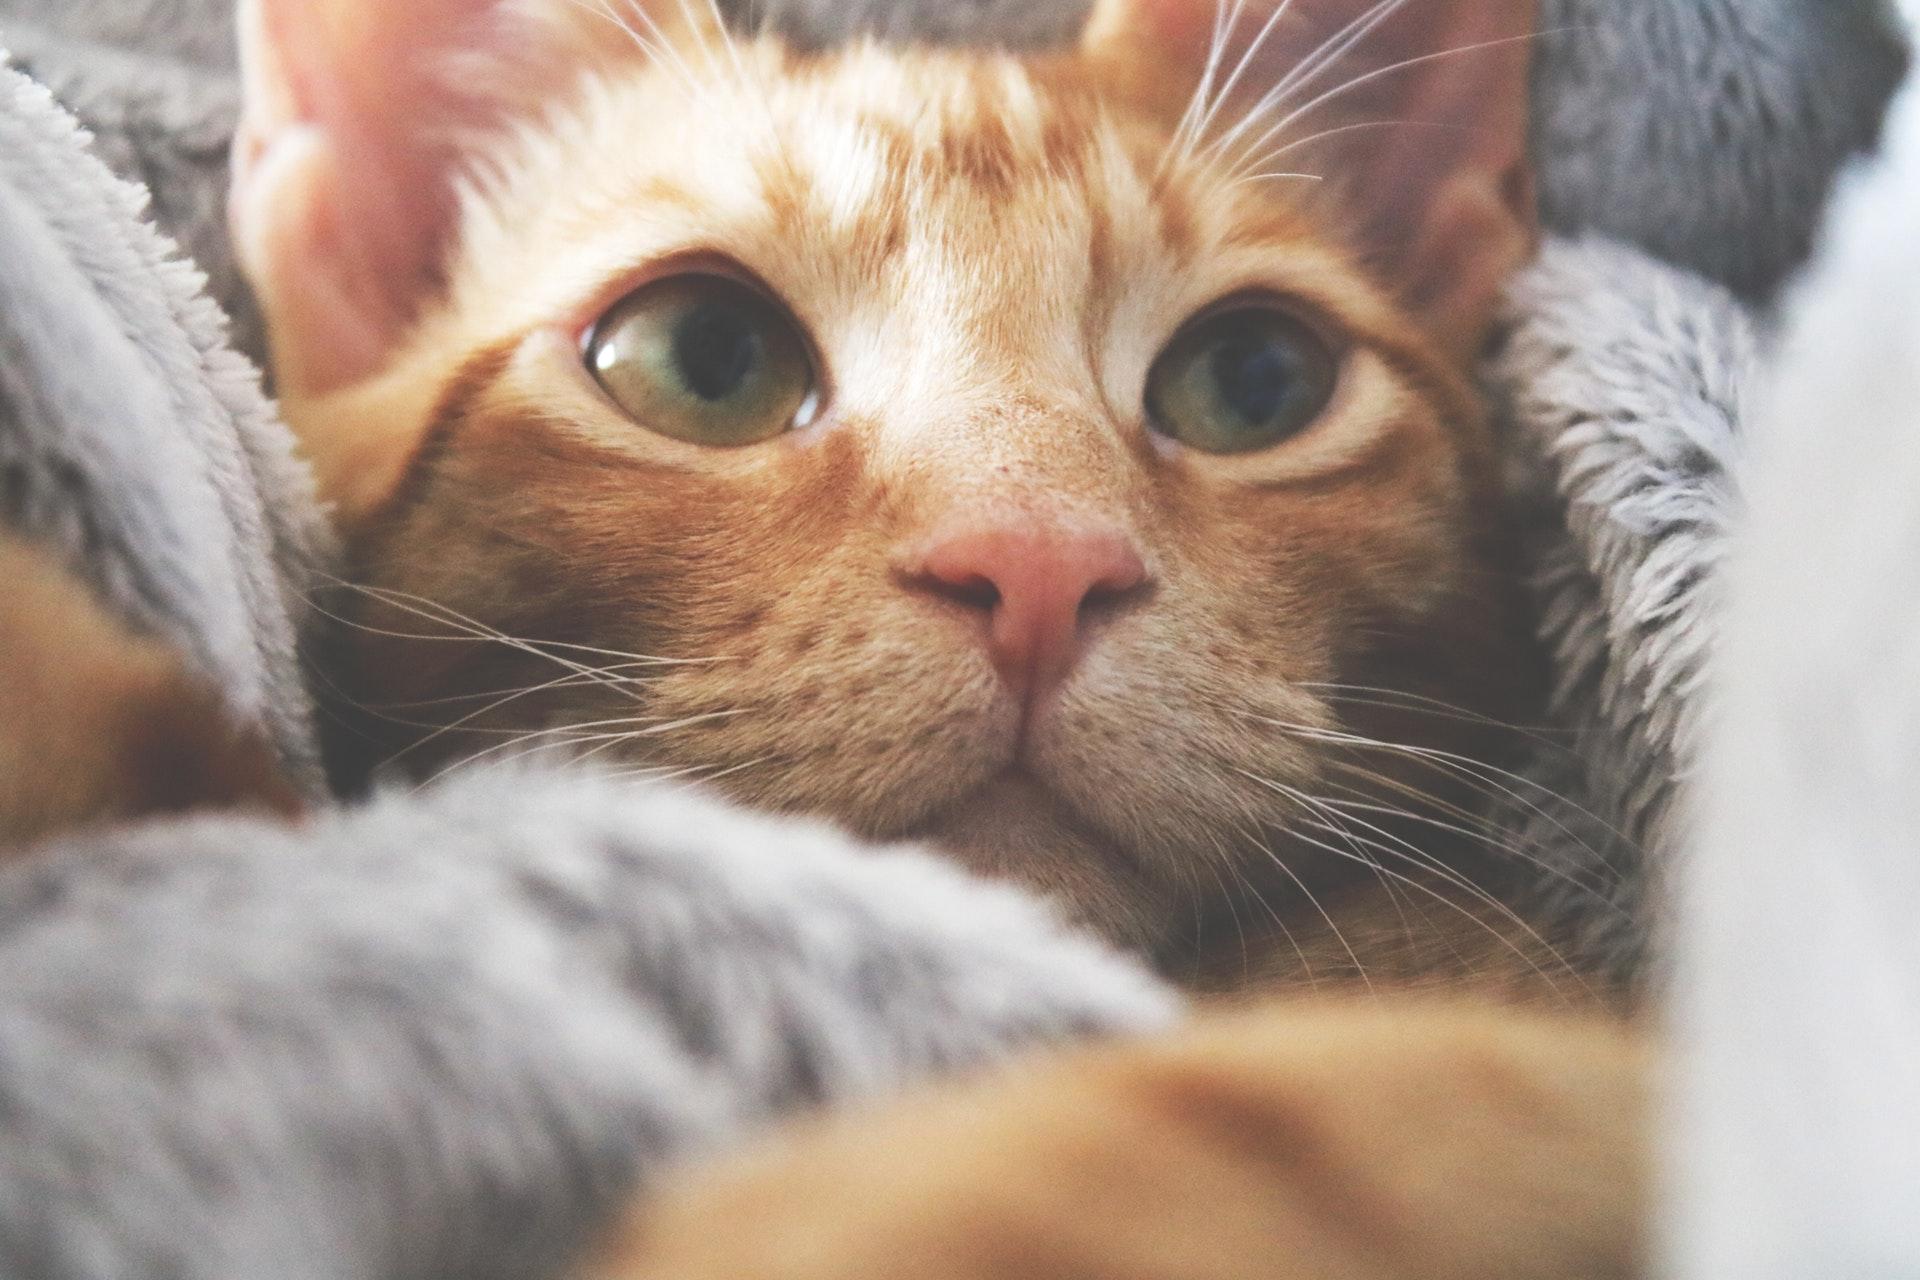 猫系男子の特徴は?恋愛傾向と顔で見る特徴&マイペース猫系男子と付き合うステップ